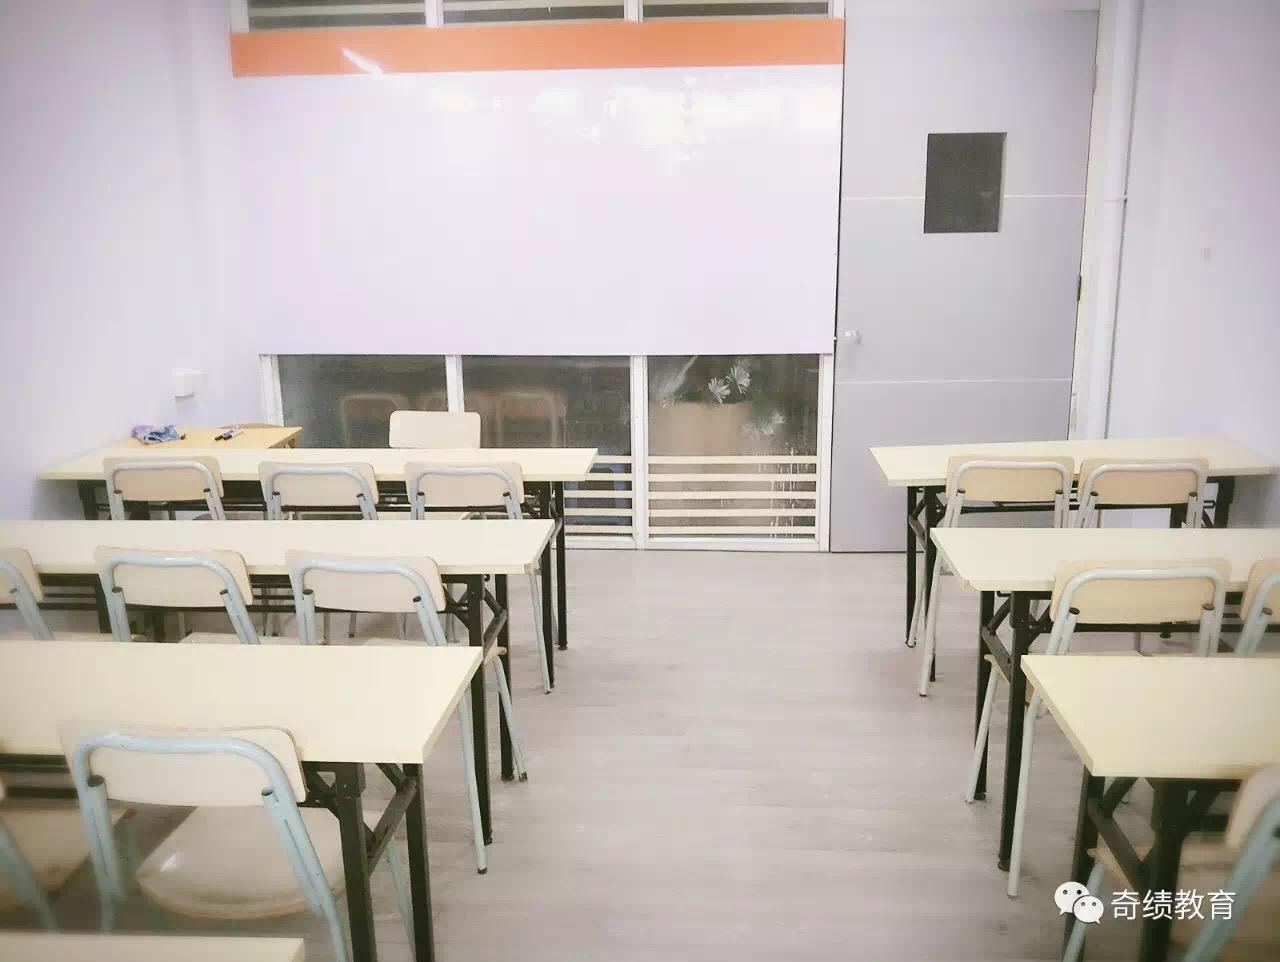 中山市三乡奇绩教育培训中心_才通国际人才网_job001.cn